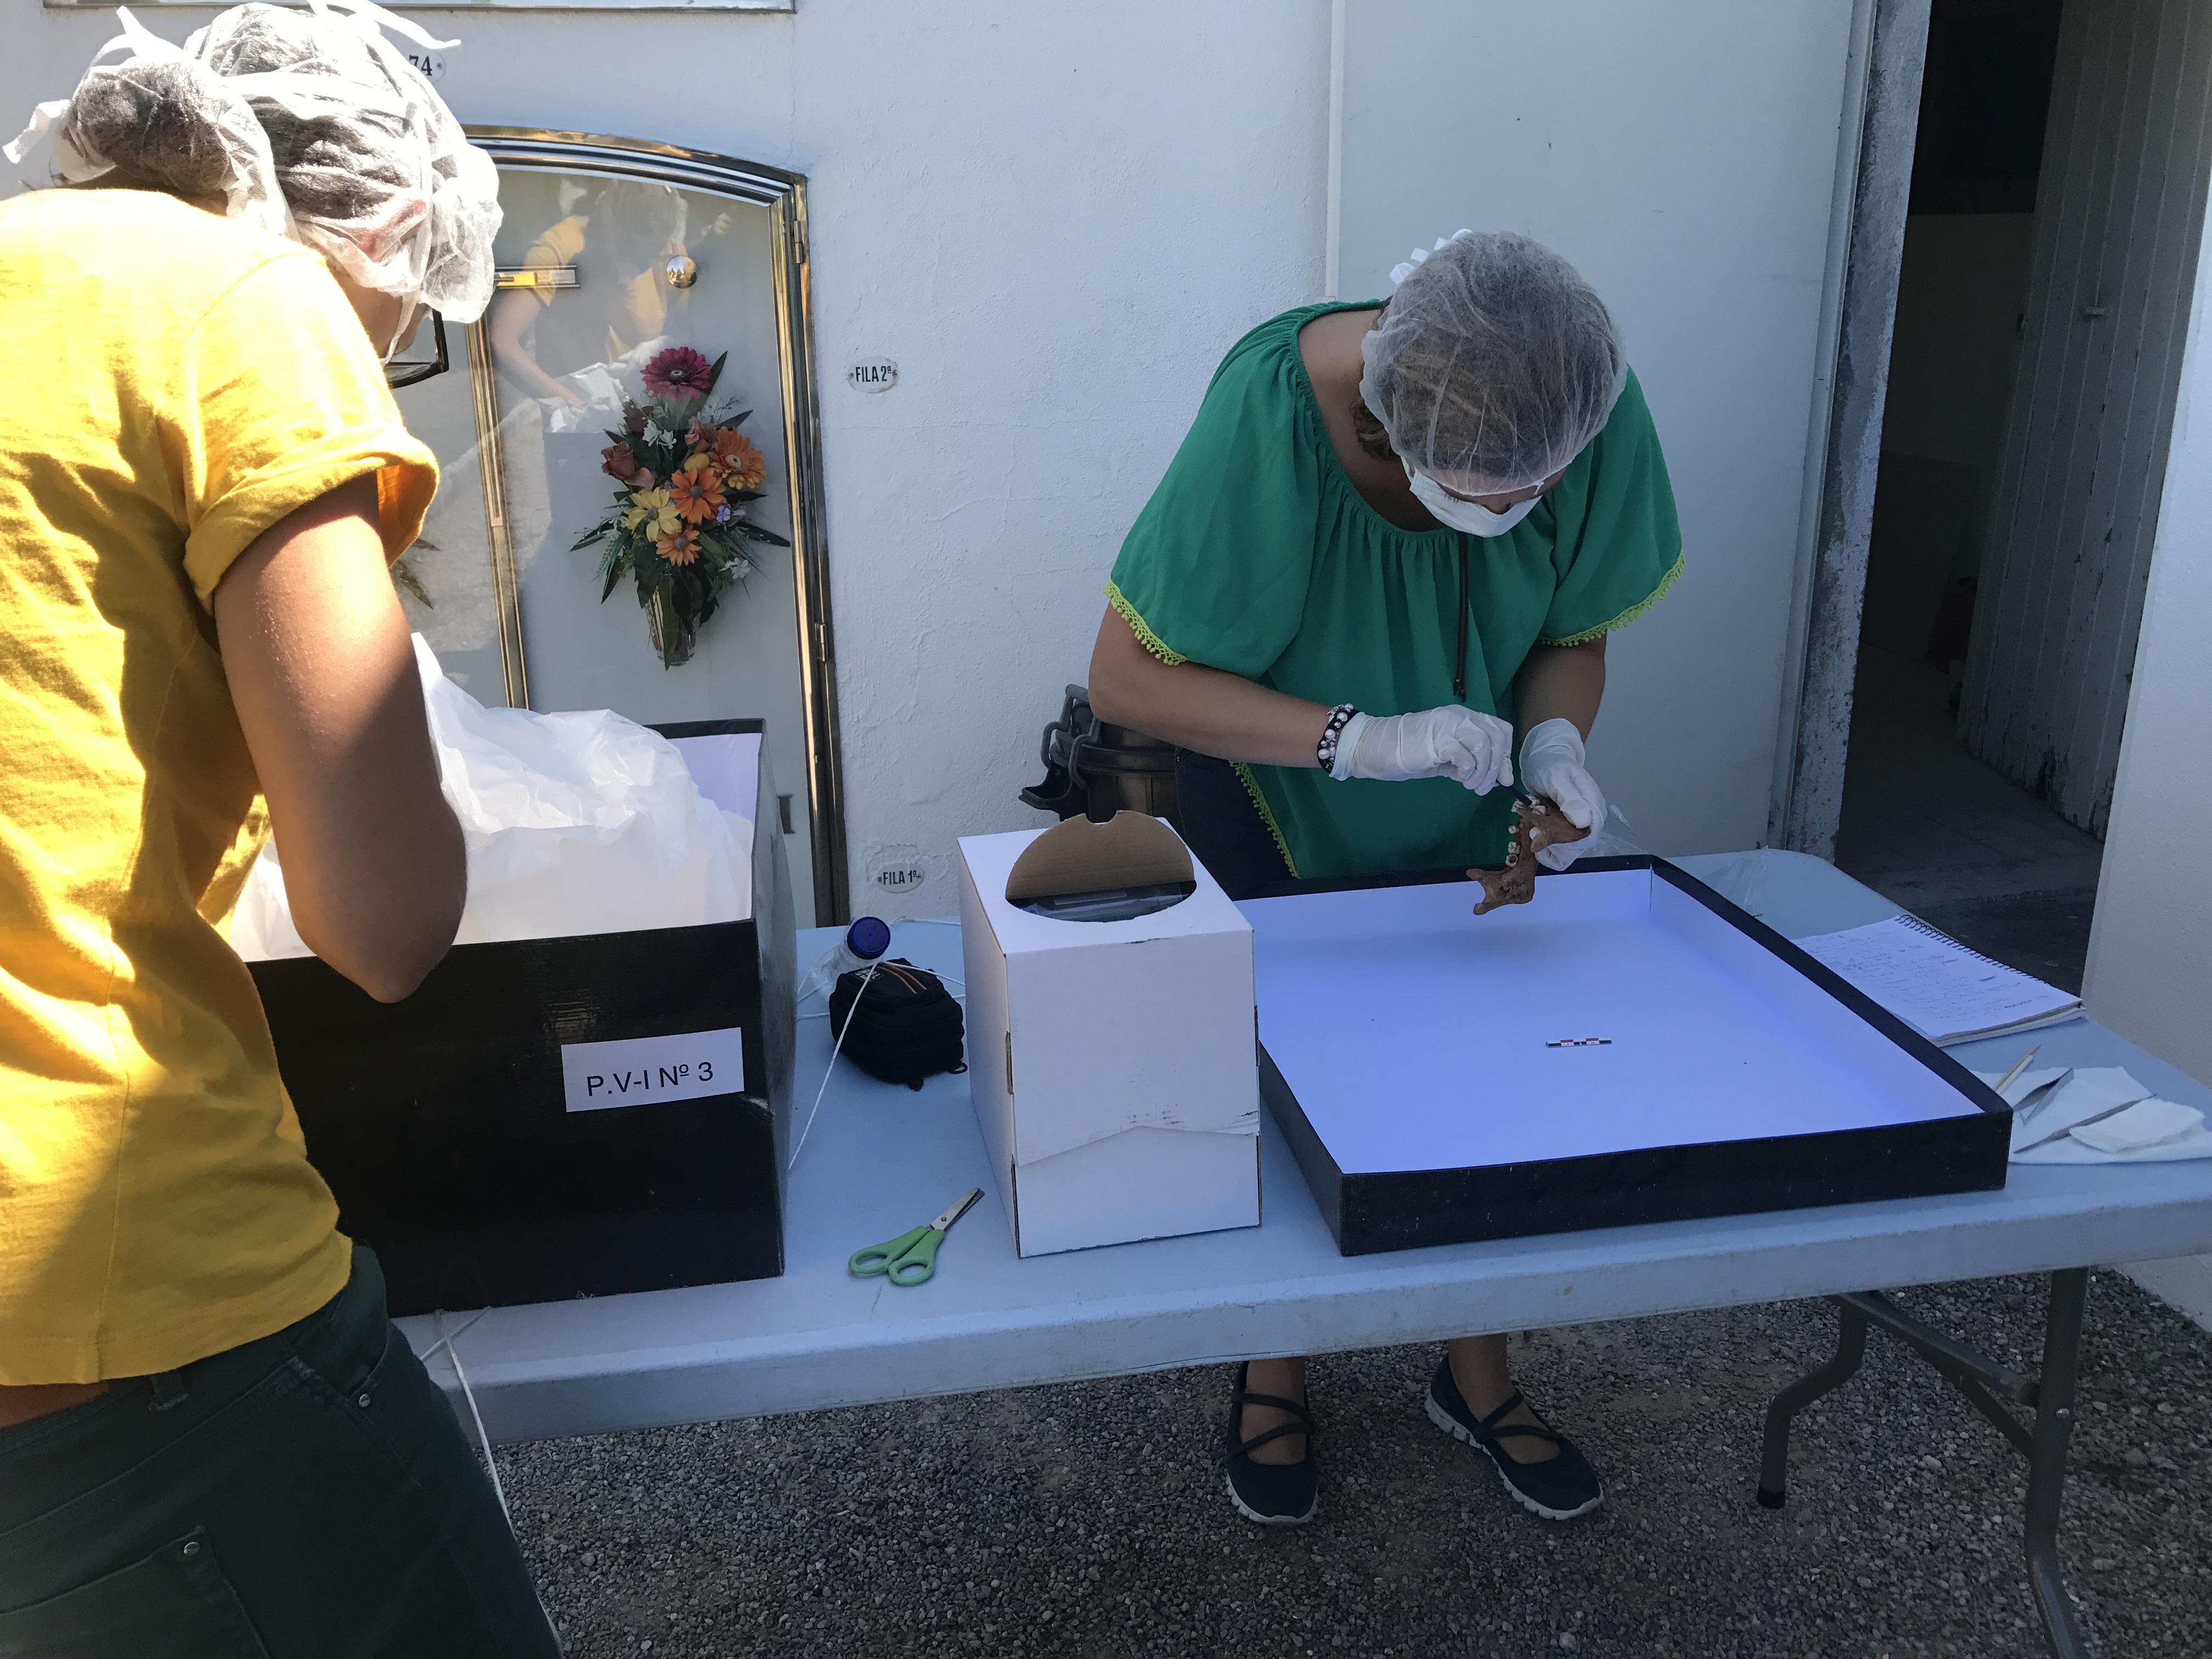 Tècnics de la Generalitat treballaven aquest dimarts al cementiri de Prats de Lluçanès